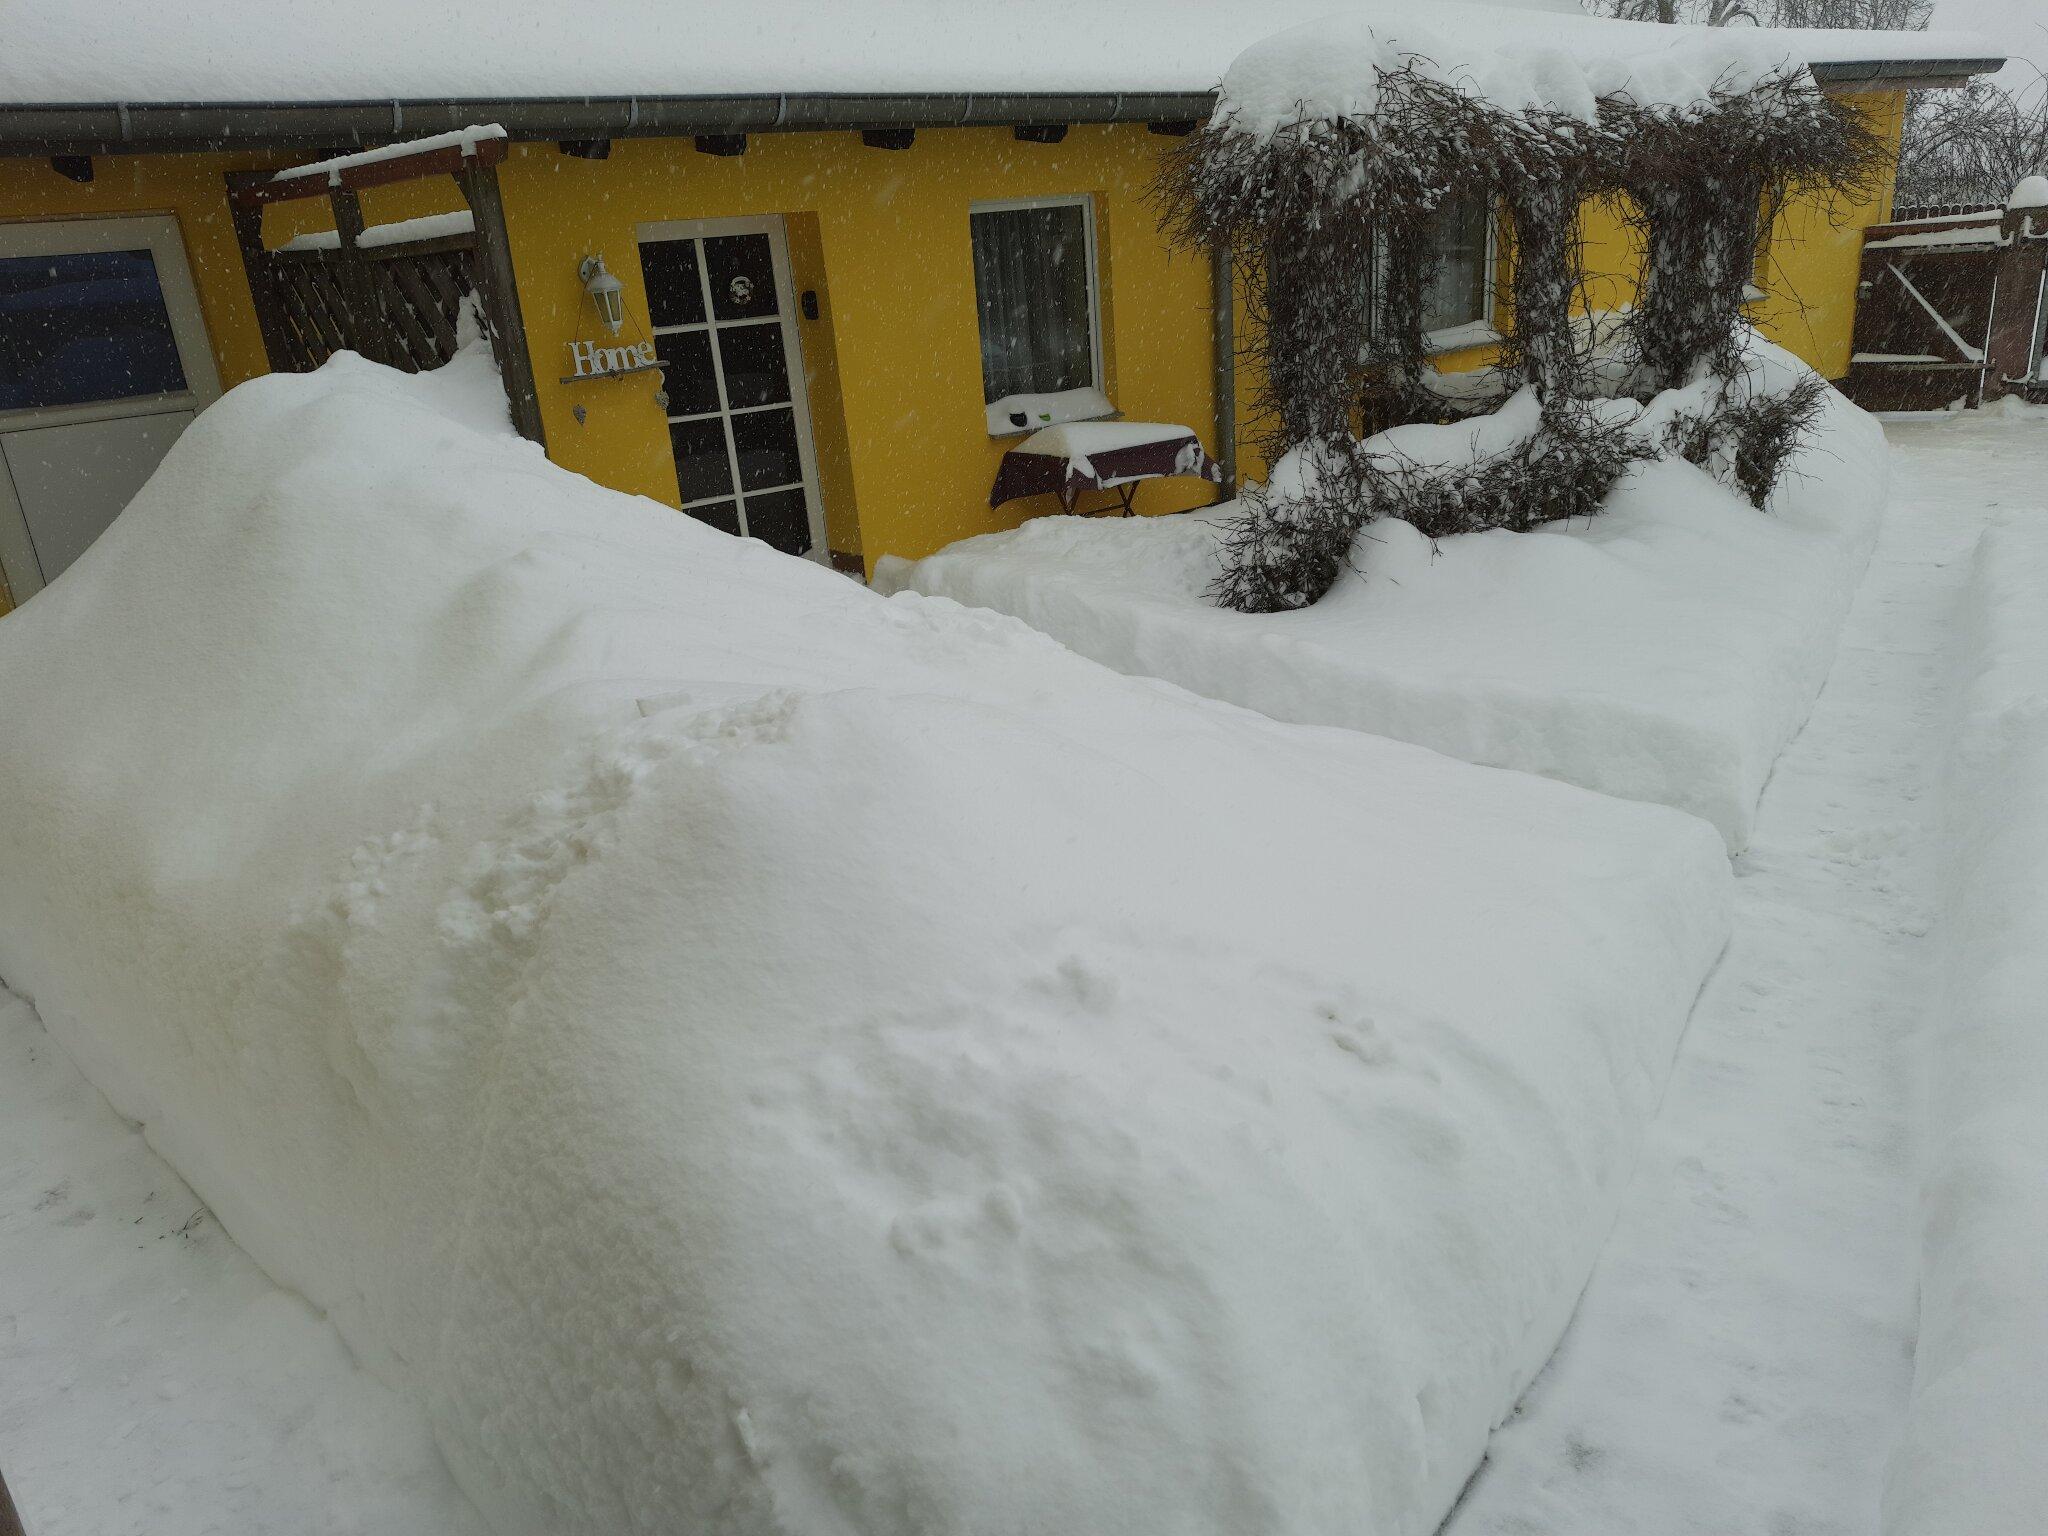 Winter - es hat geschneit